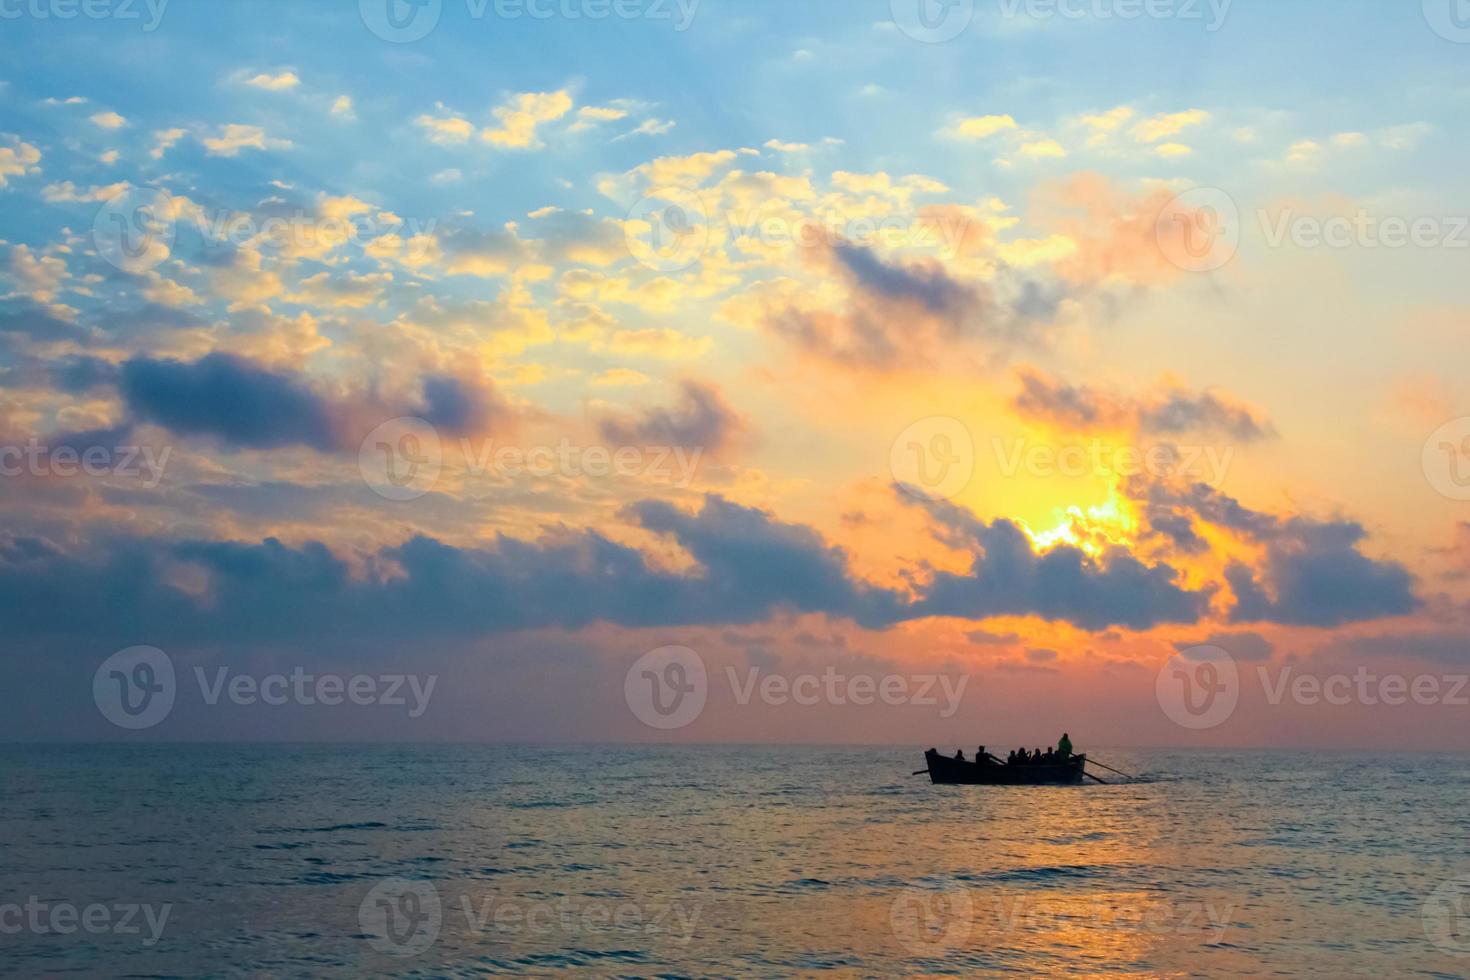 Los pescadores regresan a casa en un barco al amanecer. foto